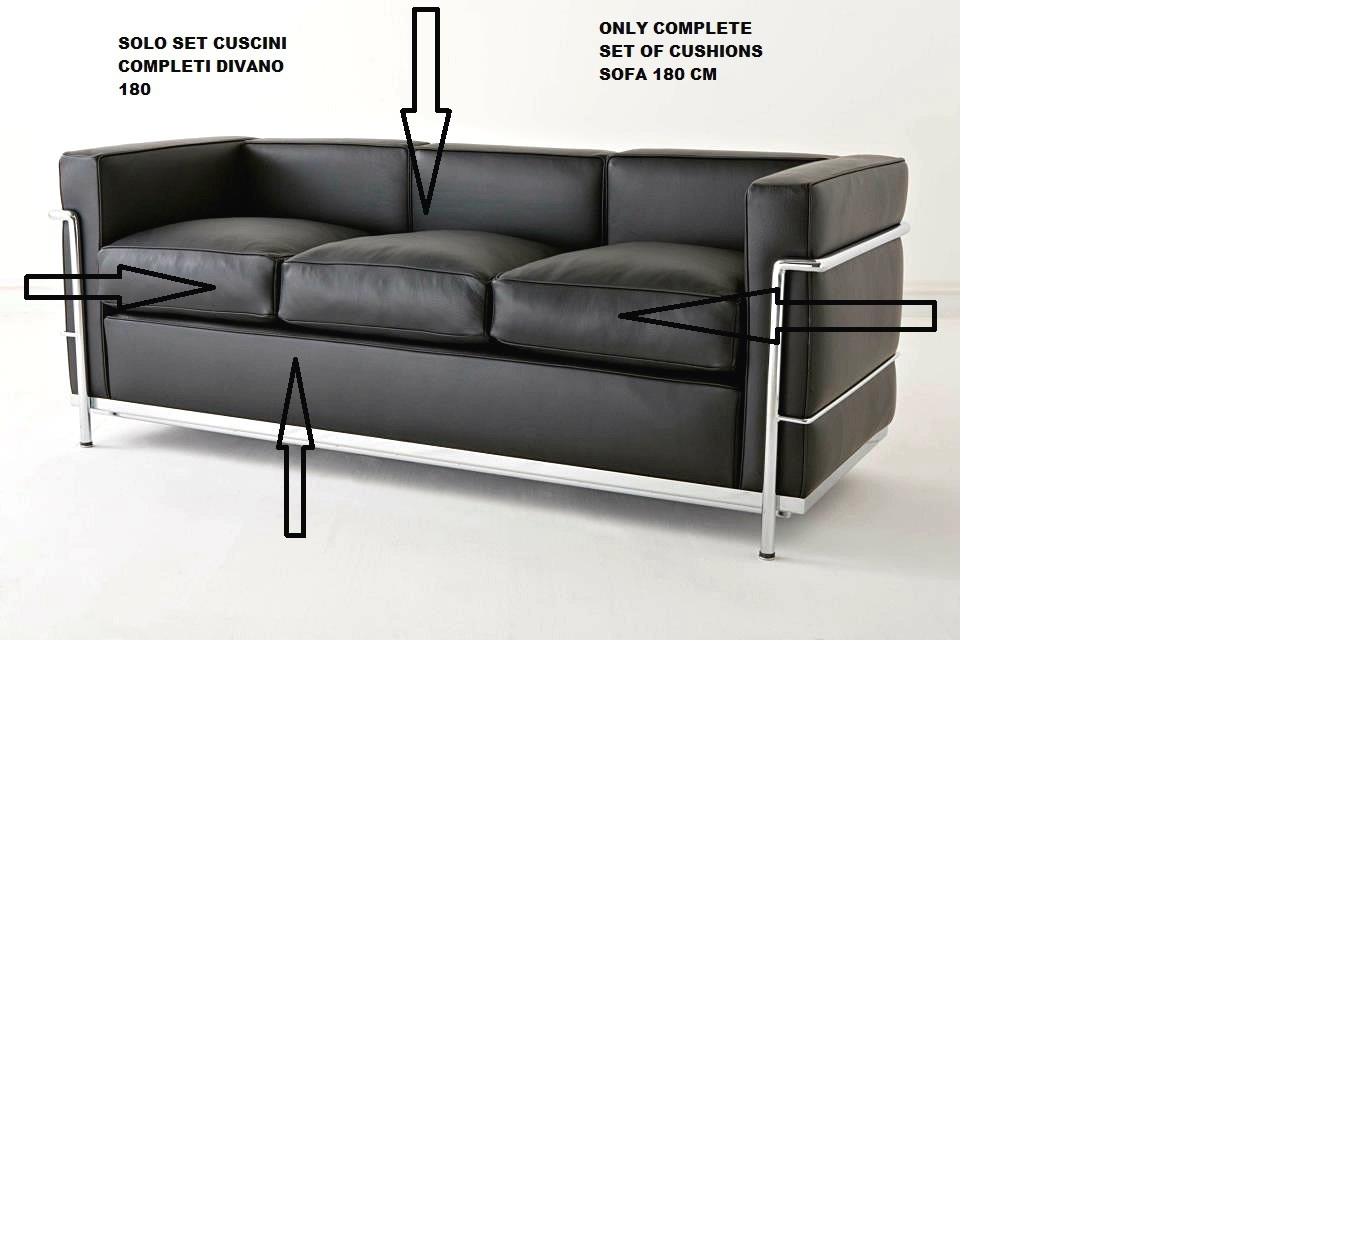 Set cuscini divano 180 - Instant Design